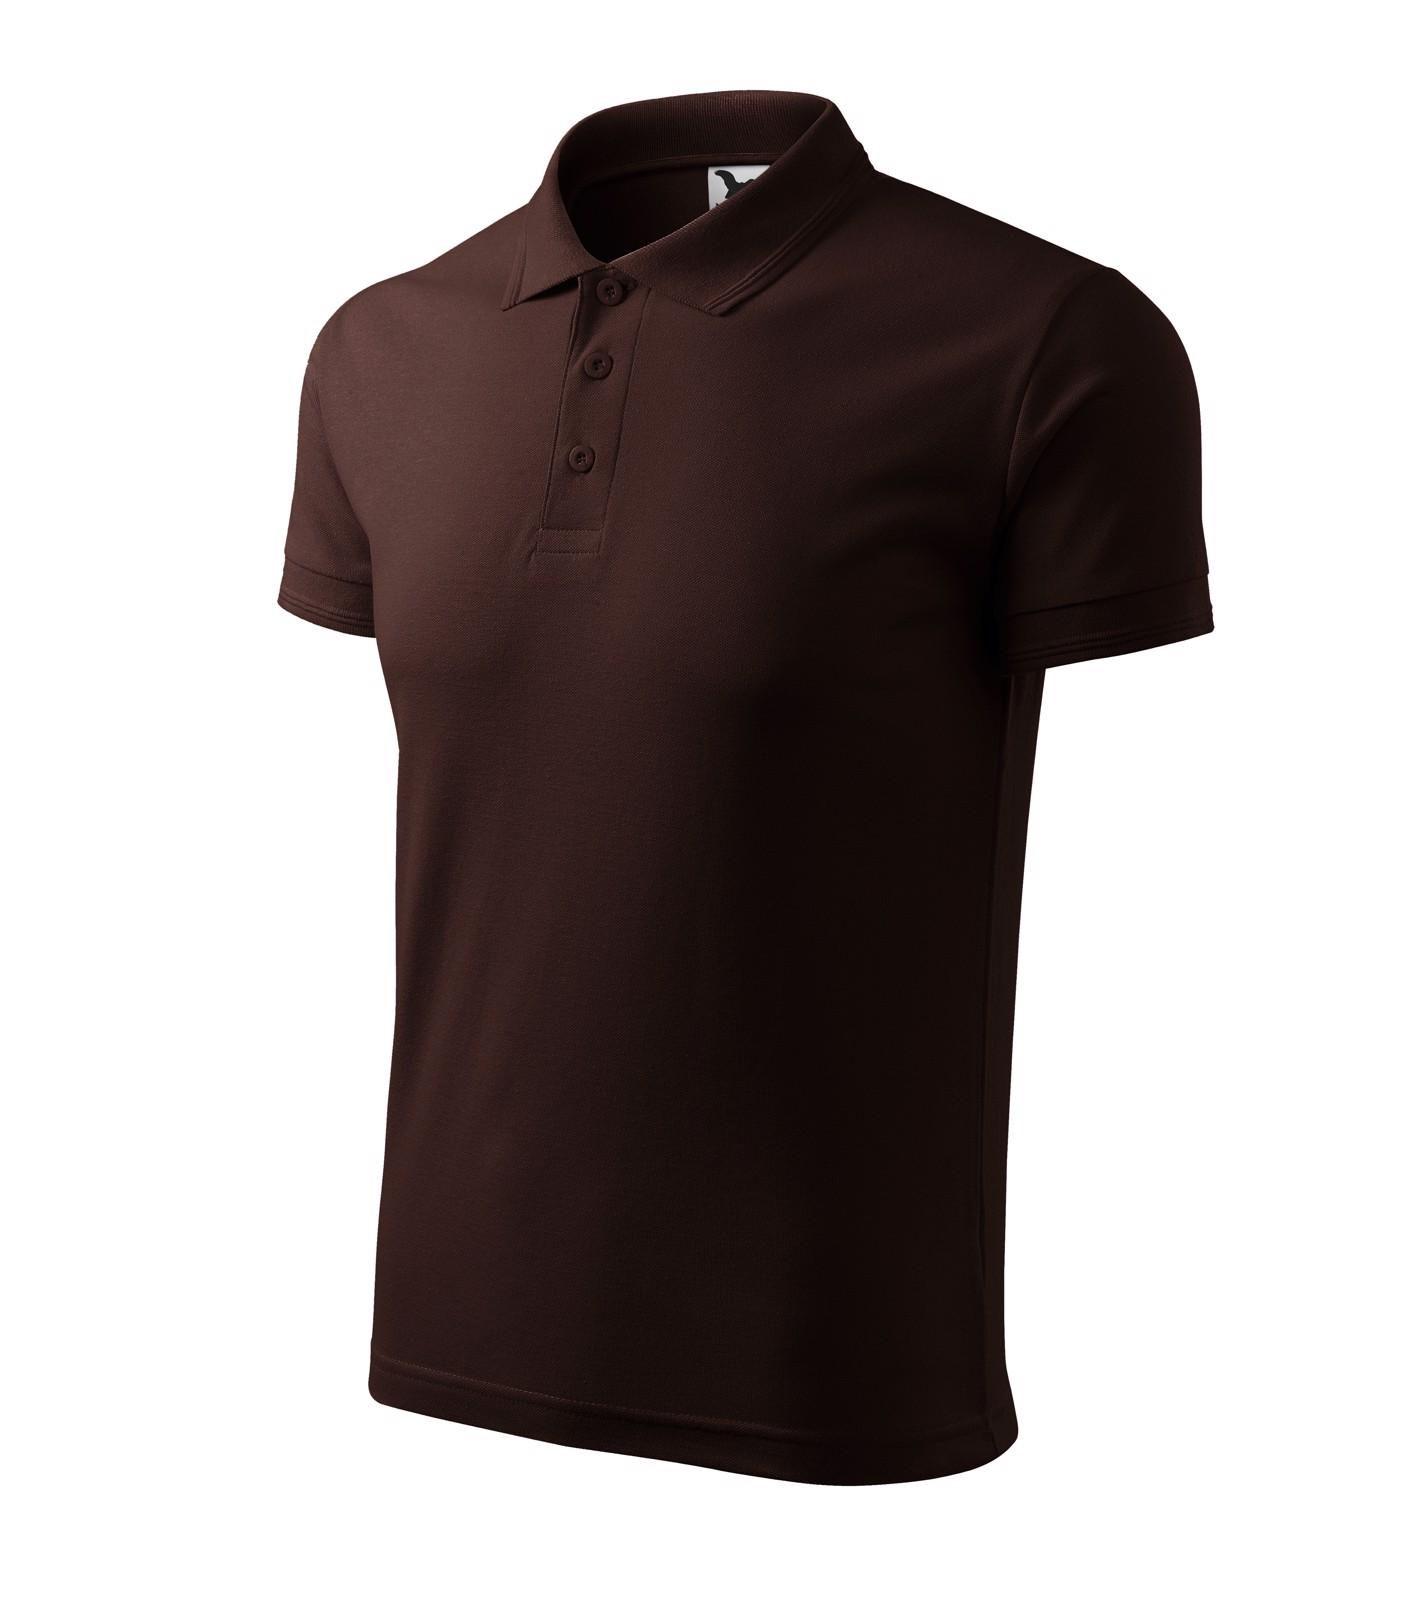 Polo Shirt men's Malfini Pique Polo - Coffee / S